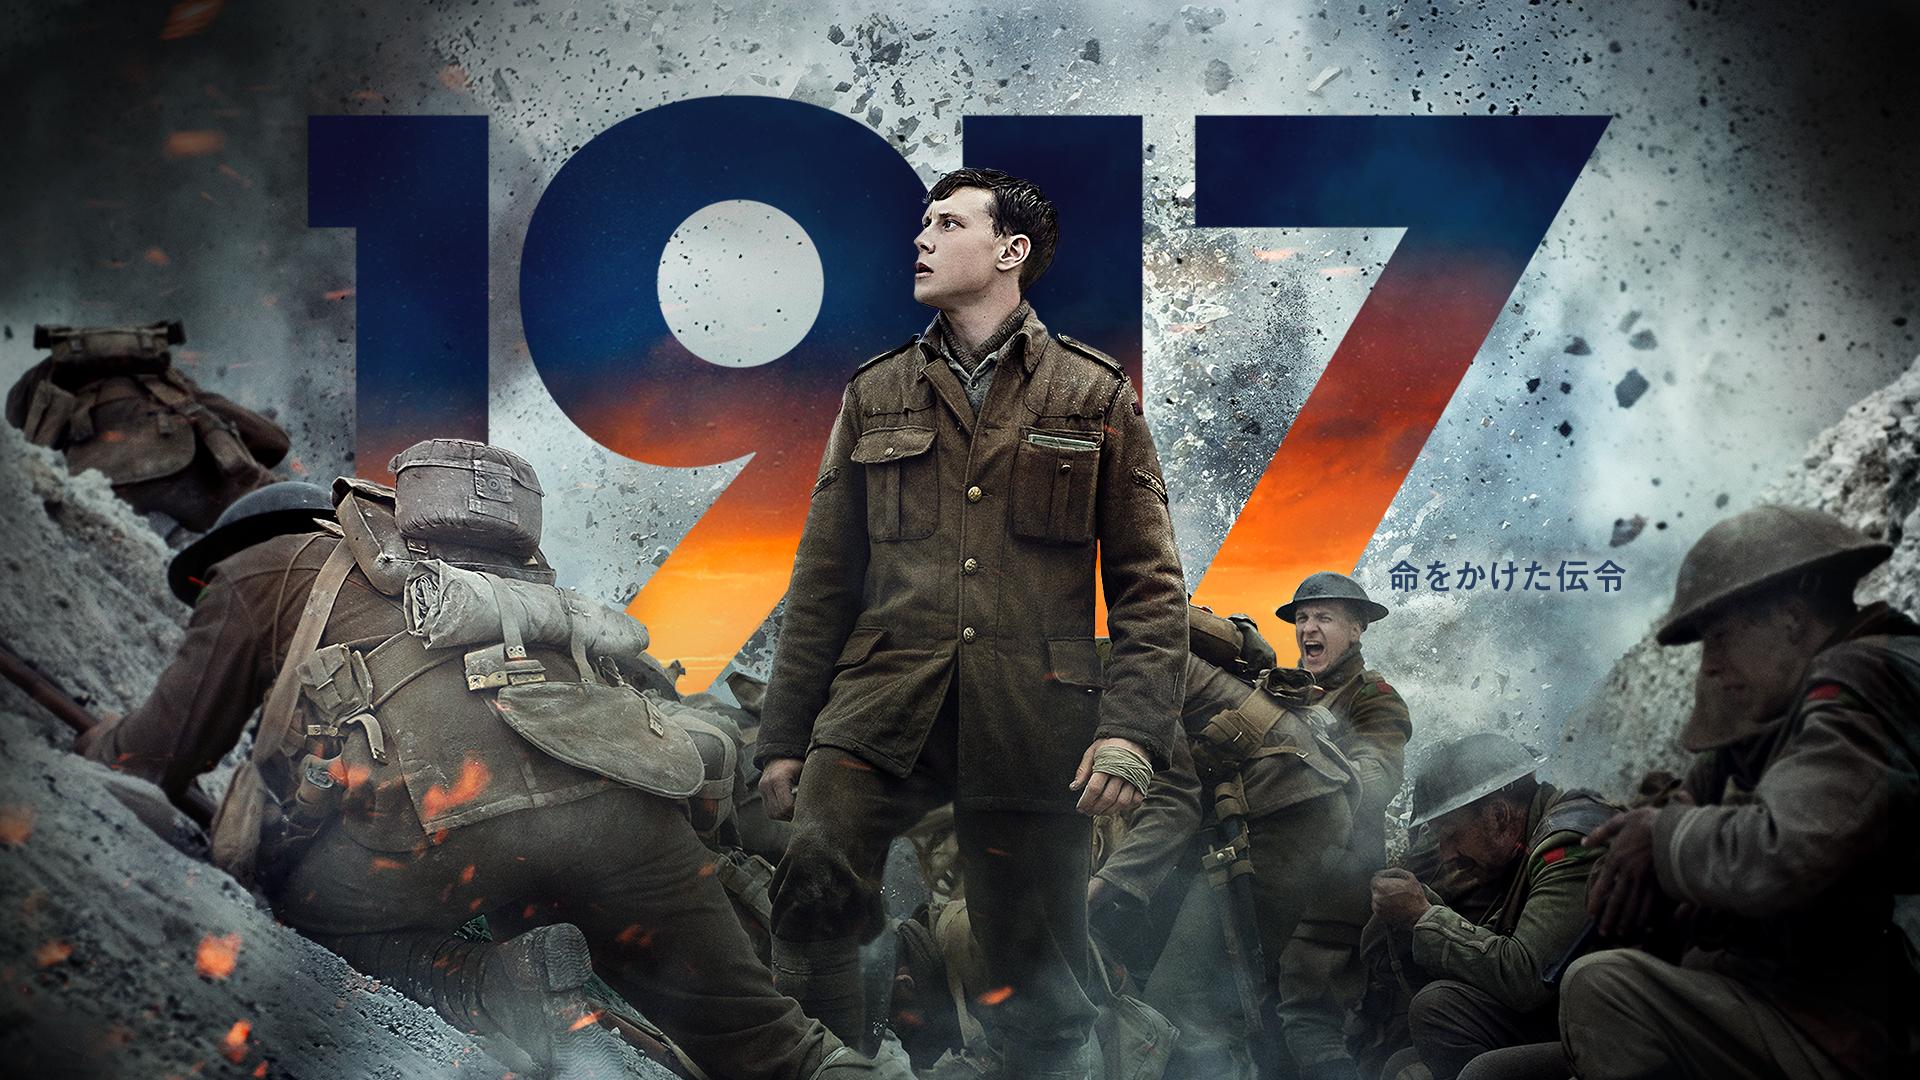 映画『1917 命をかけた伝令』無料動画をフル視聴(吹き替え・日本語字幕)できる動画配信サービスを紹介